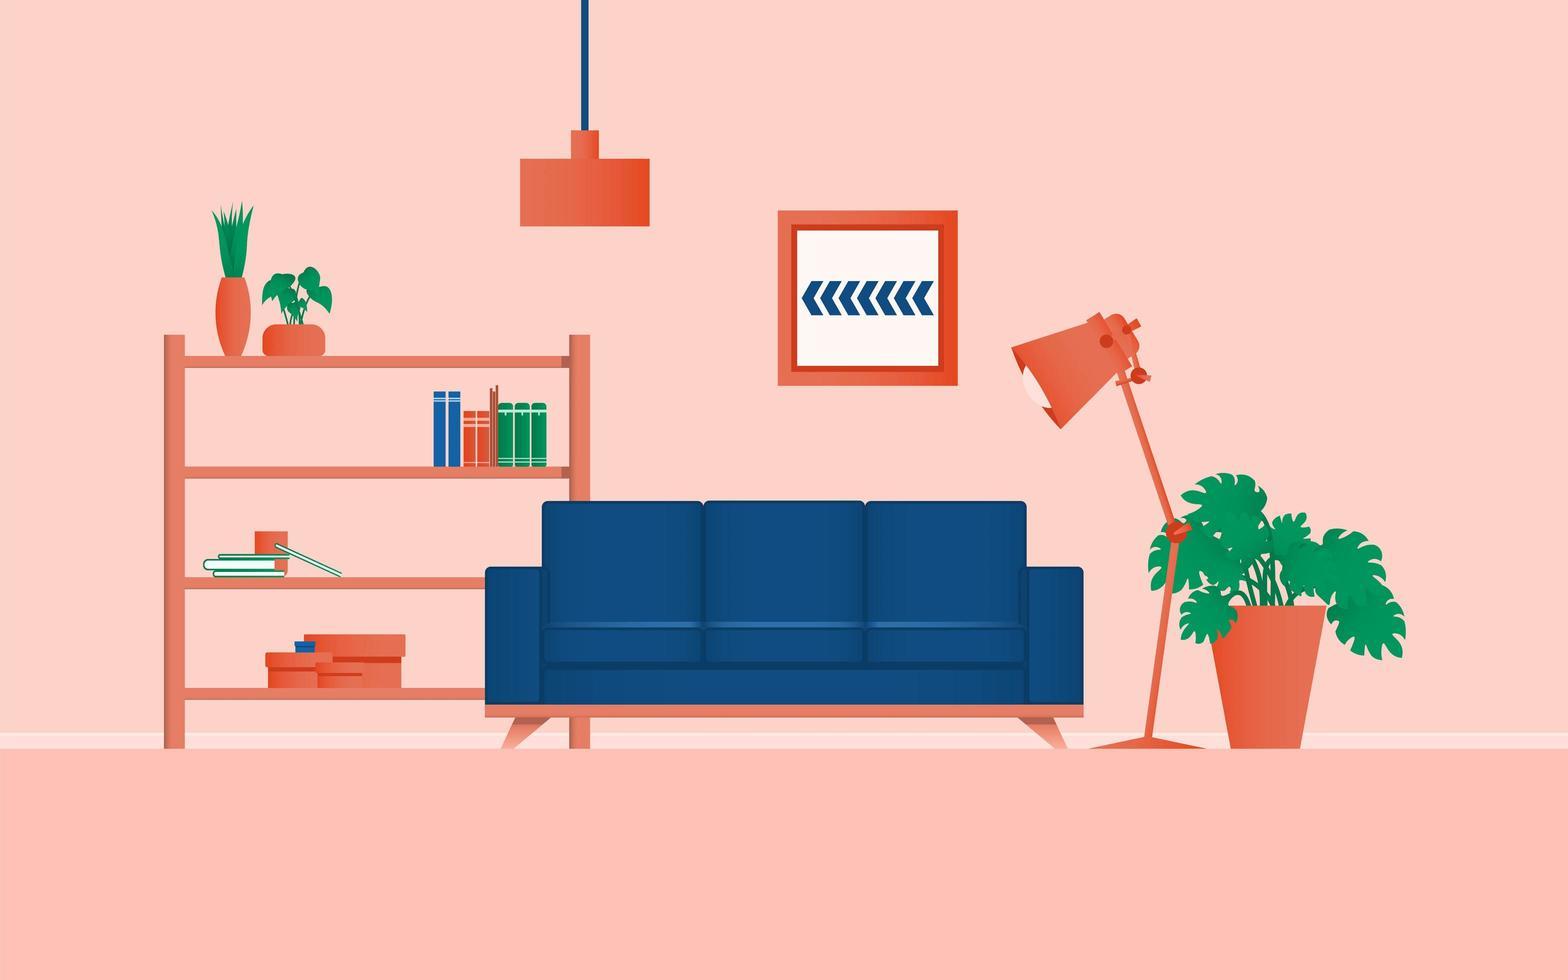 conceito de cor de sala de estar aconchegante com planta no quarto vetor